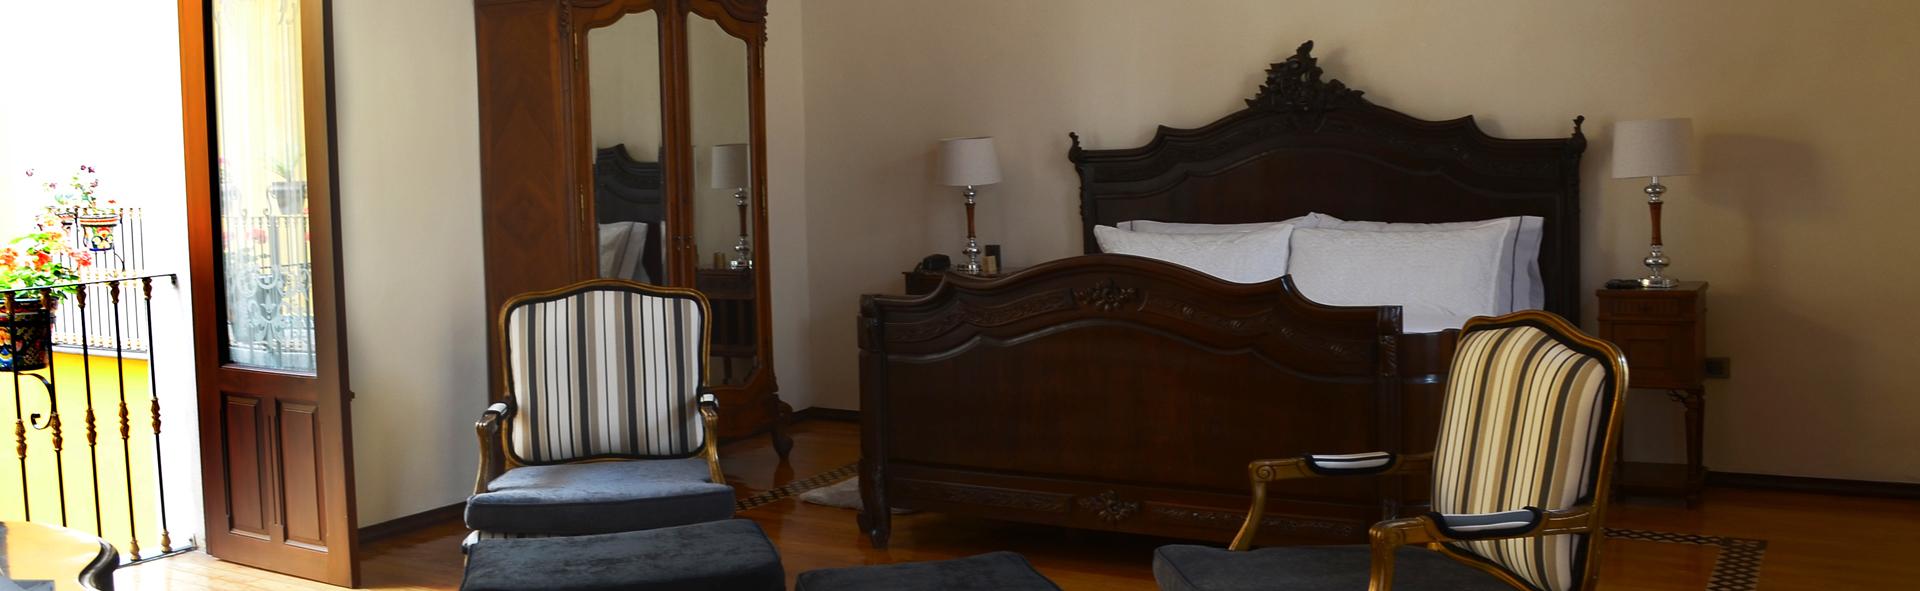 Marques del Angel habitacion clasica